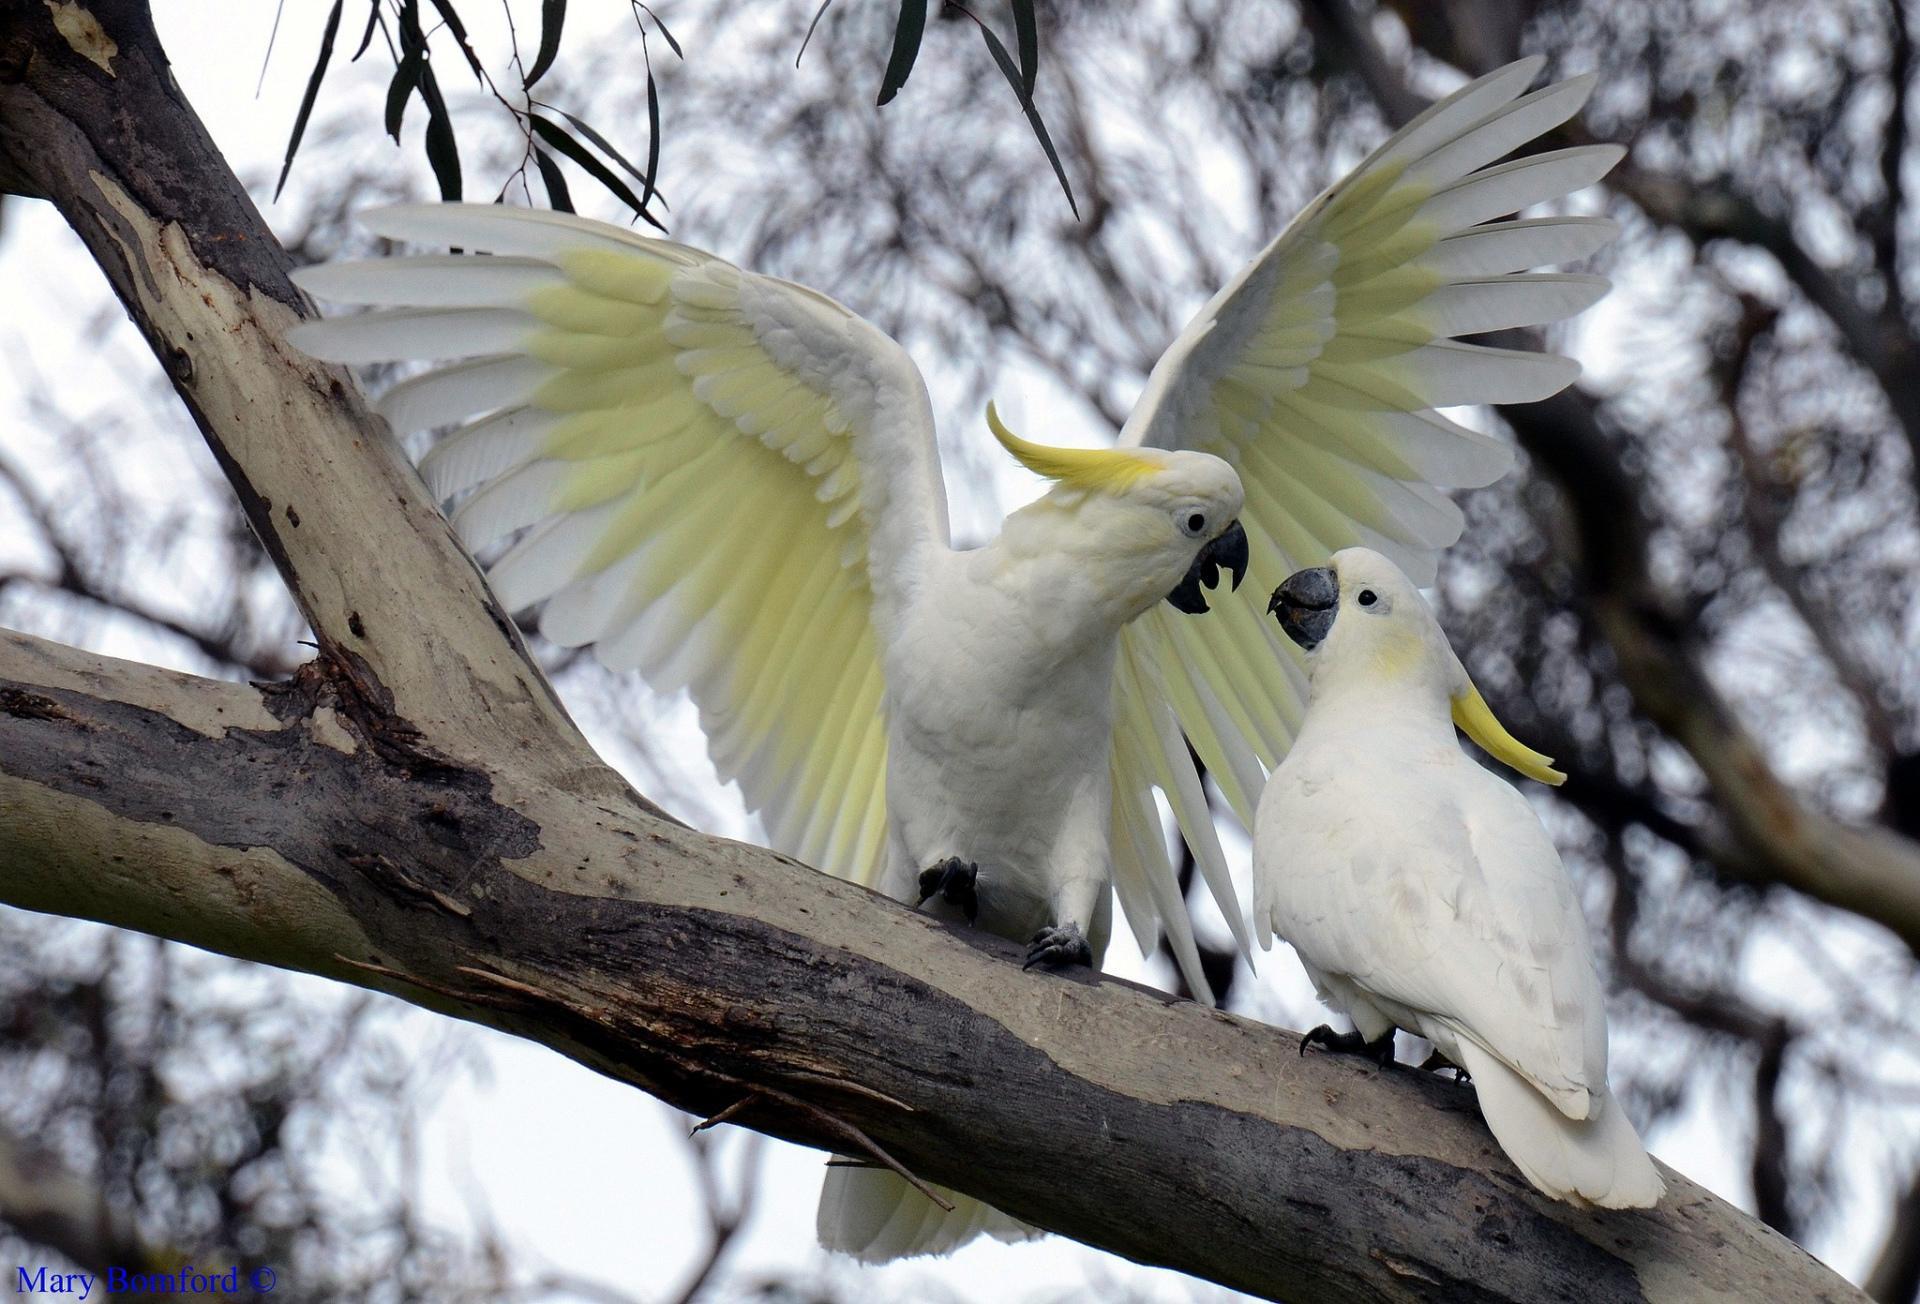 Попугай ствол ветка бесплатно